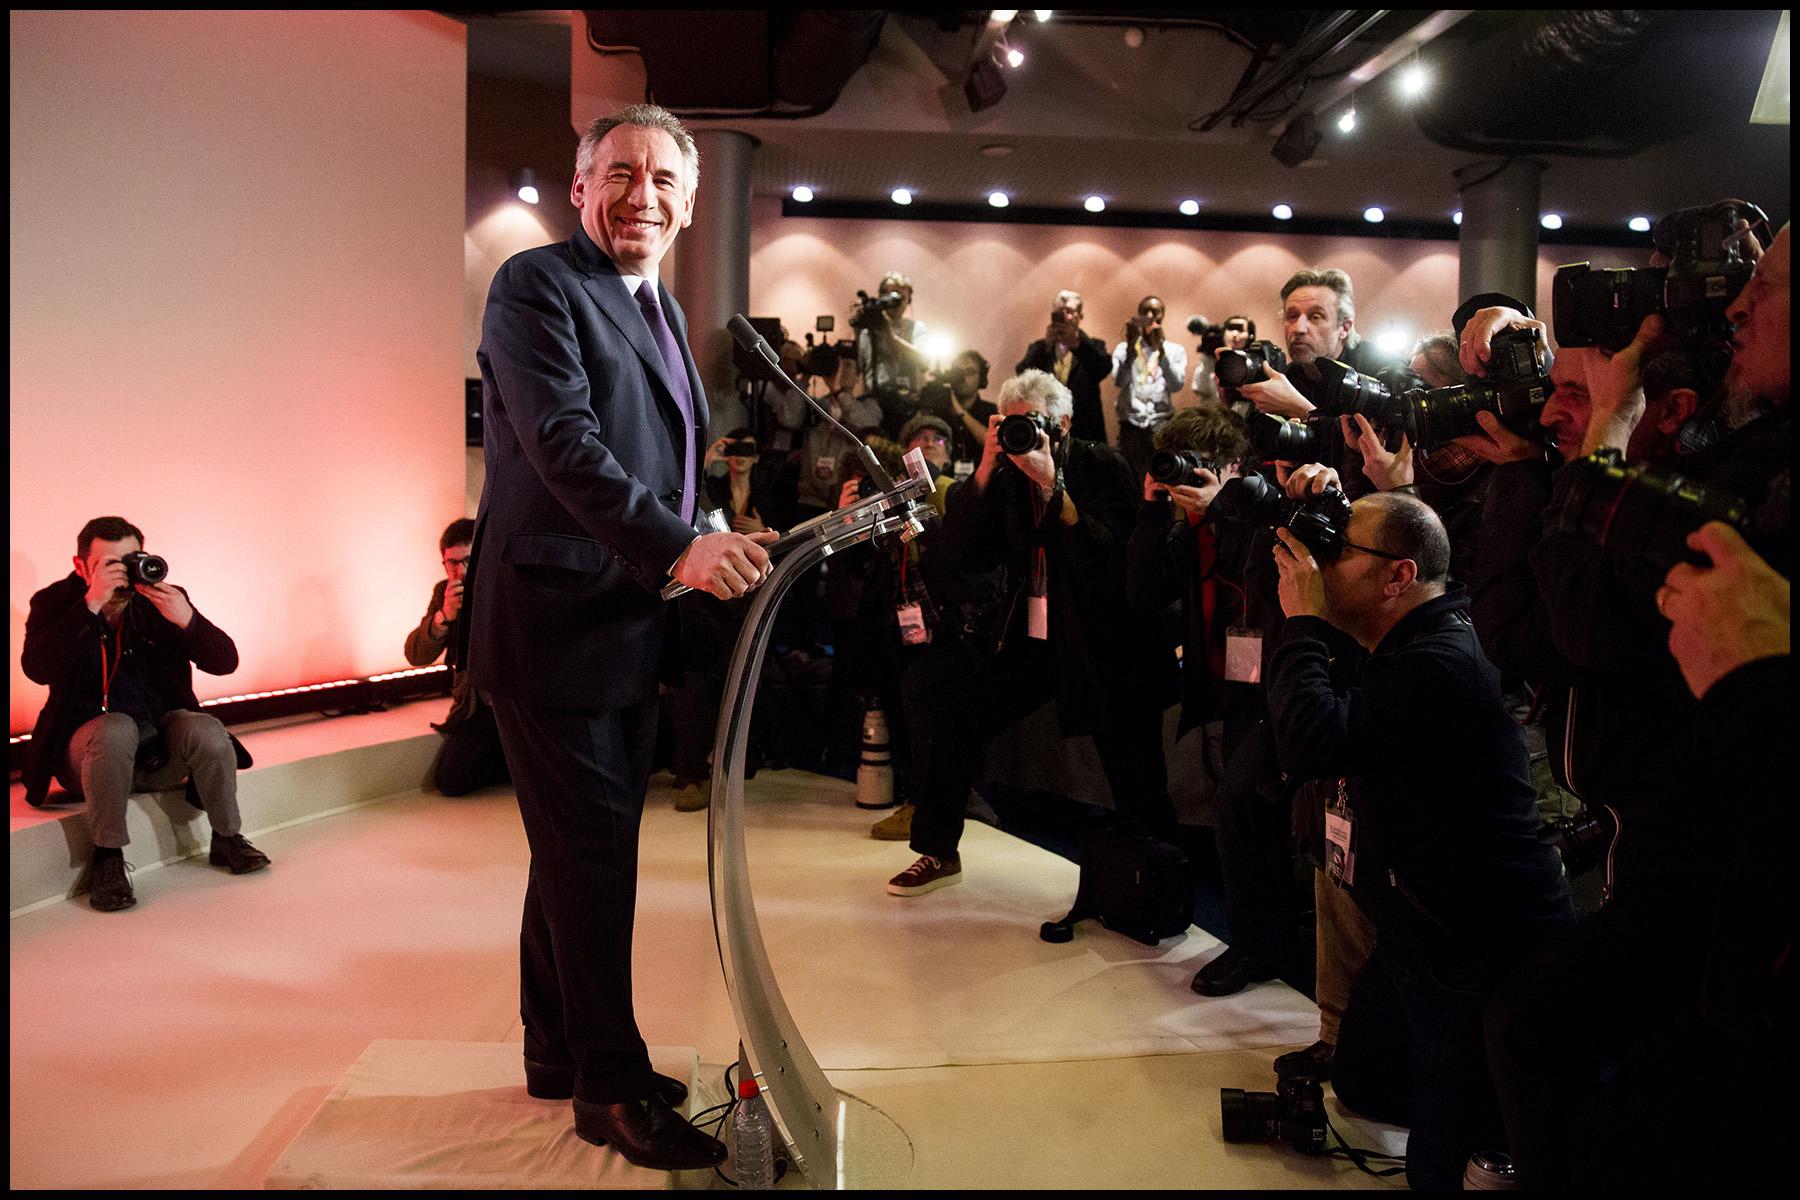 Lors d'une conférence de presse au siège du MODEM, François BAYROU renonce à sa candidature à la présidentielle et propose une alliance à Emmanuel MACRON